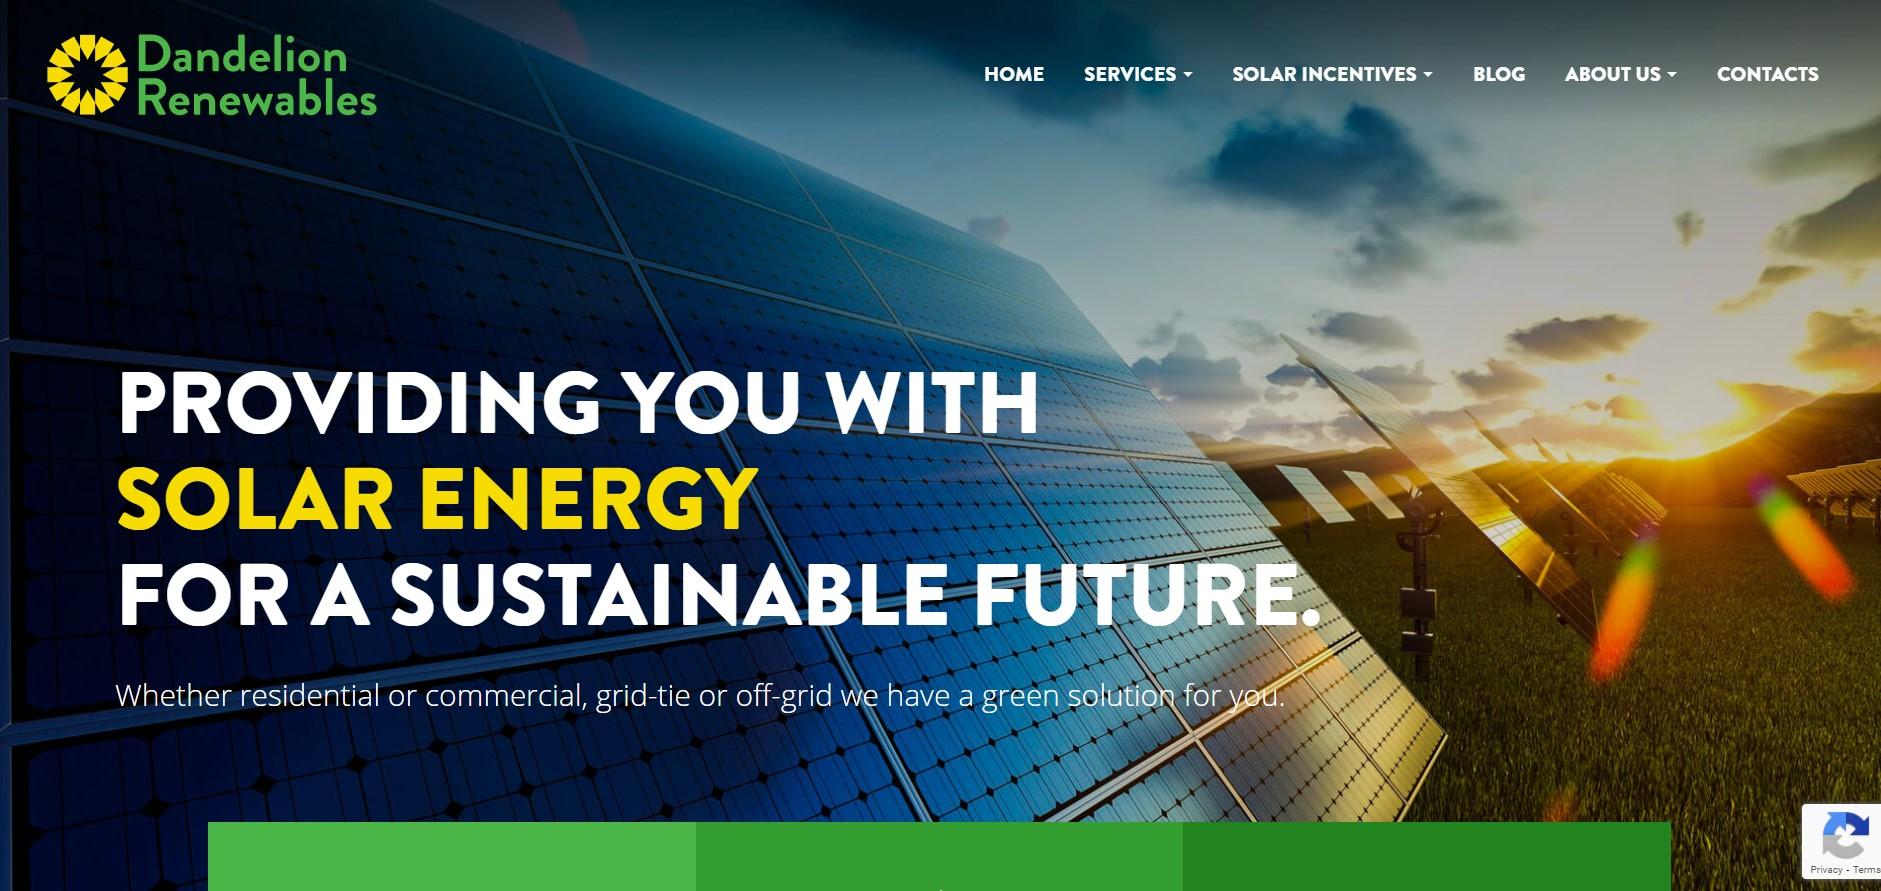 dandelion renewables solar energy contractor in edmonton